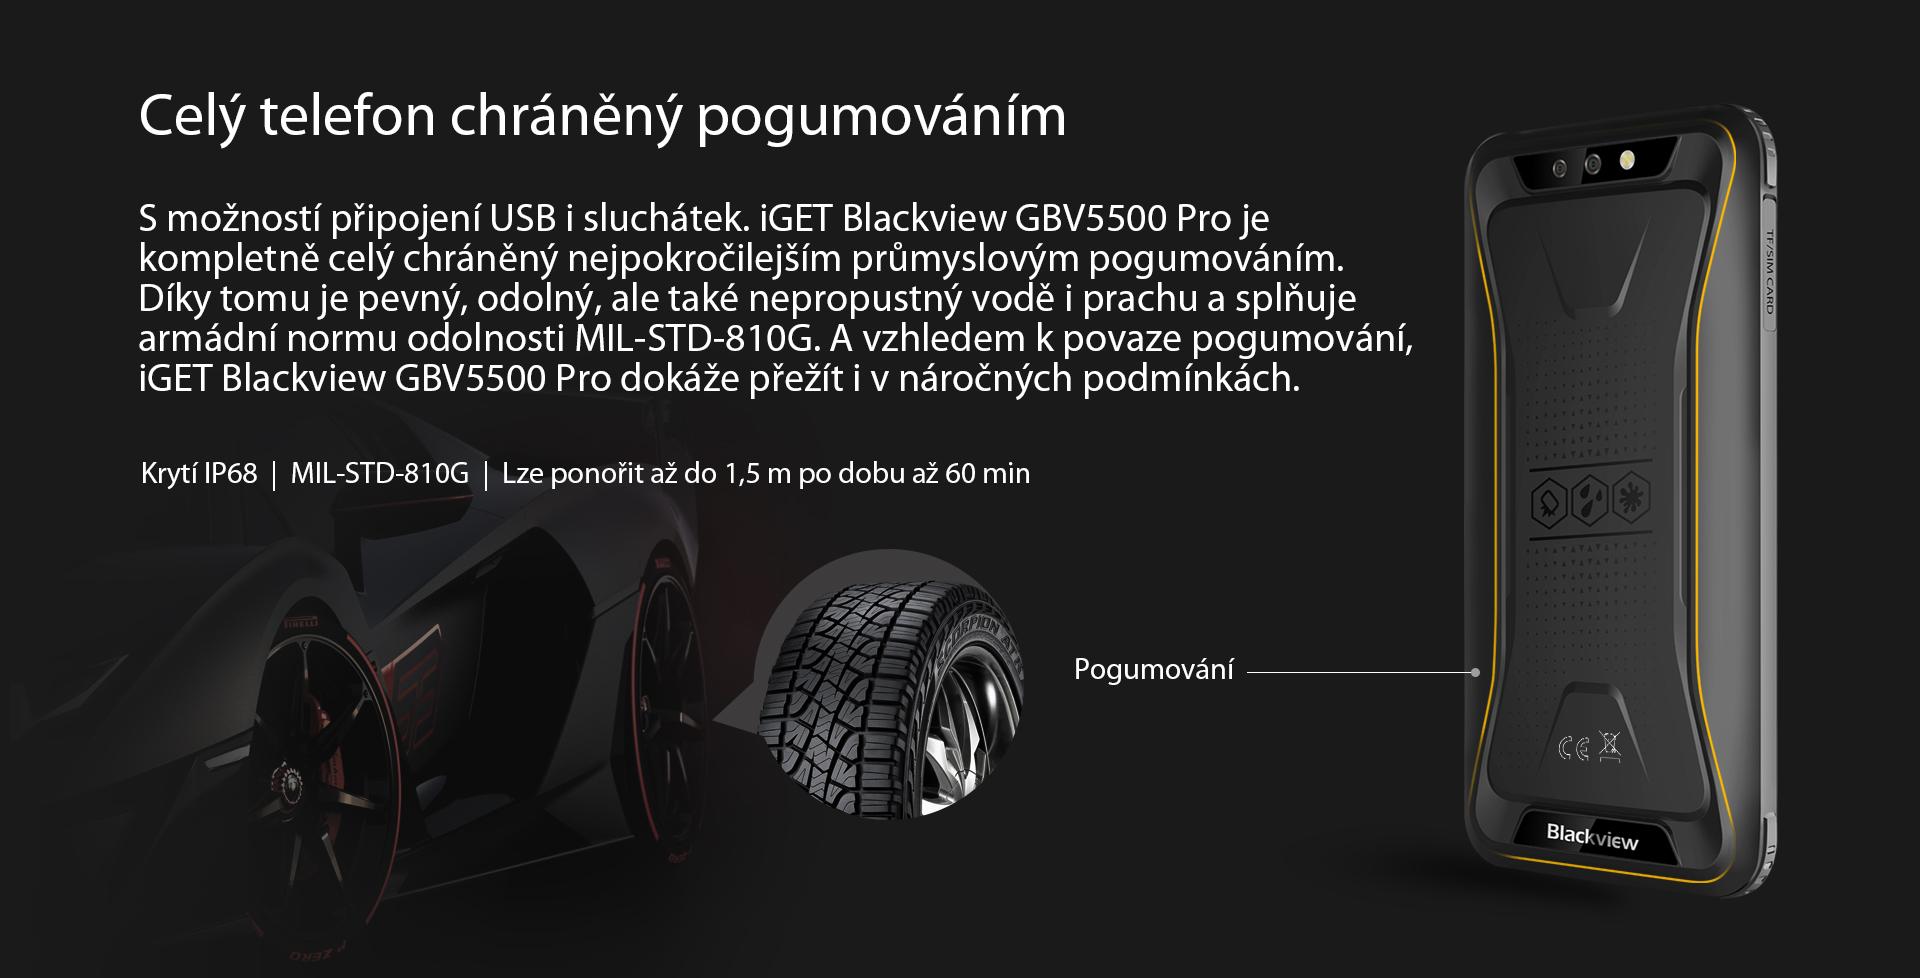 GBV5500 Pro odolnost